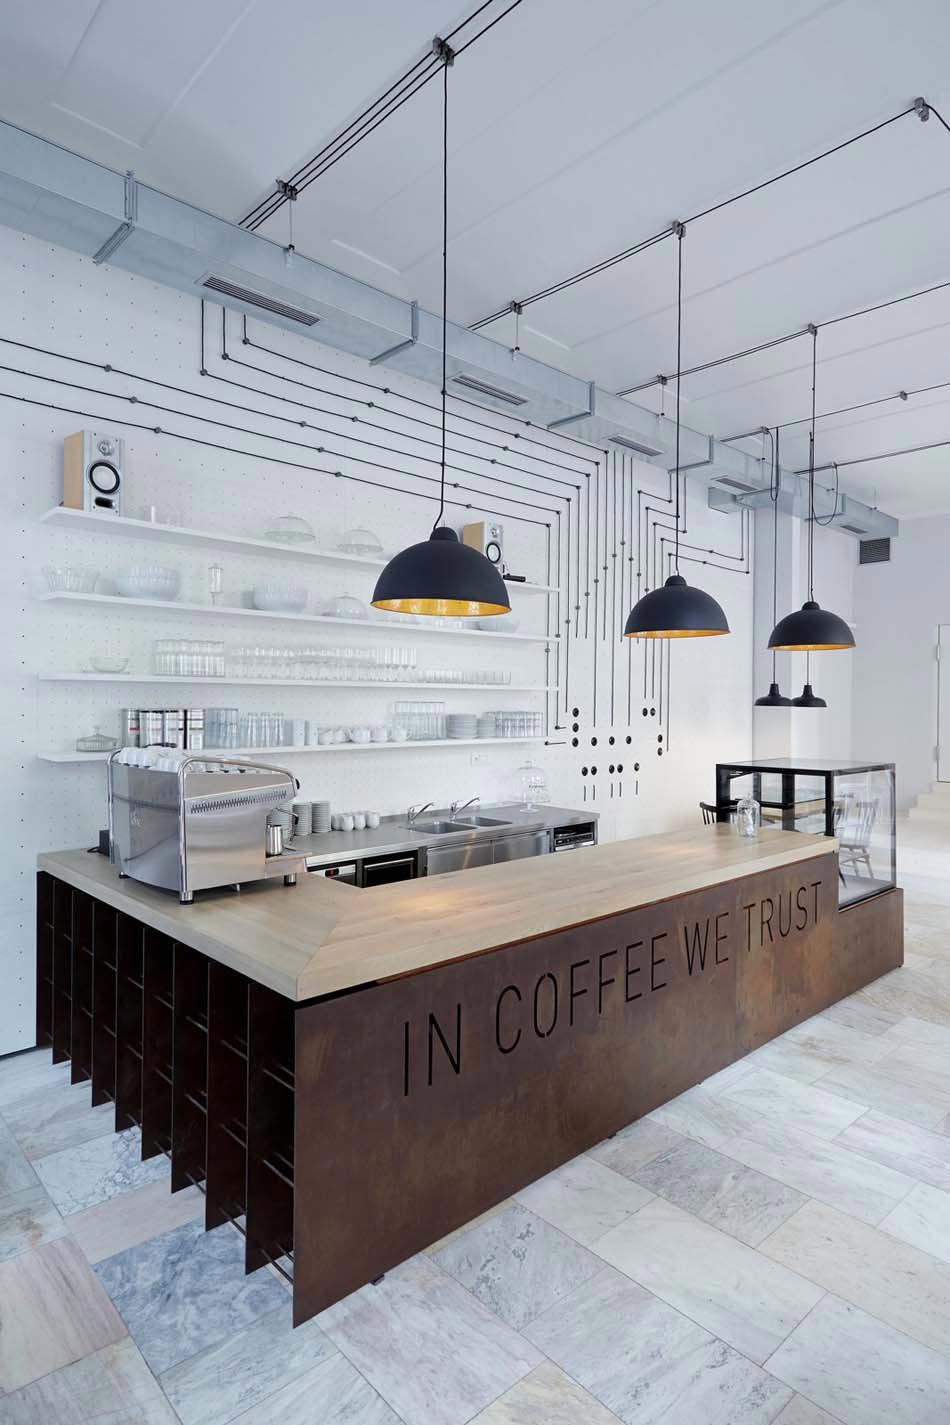 Un bistro café au concept design minimaliste et artistique au cœur ...